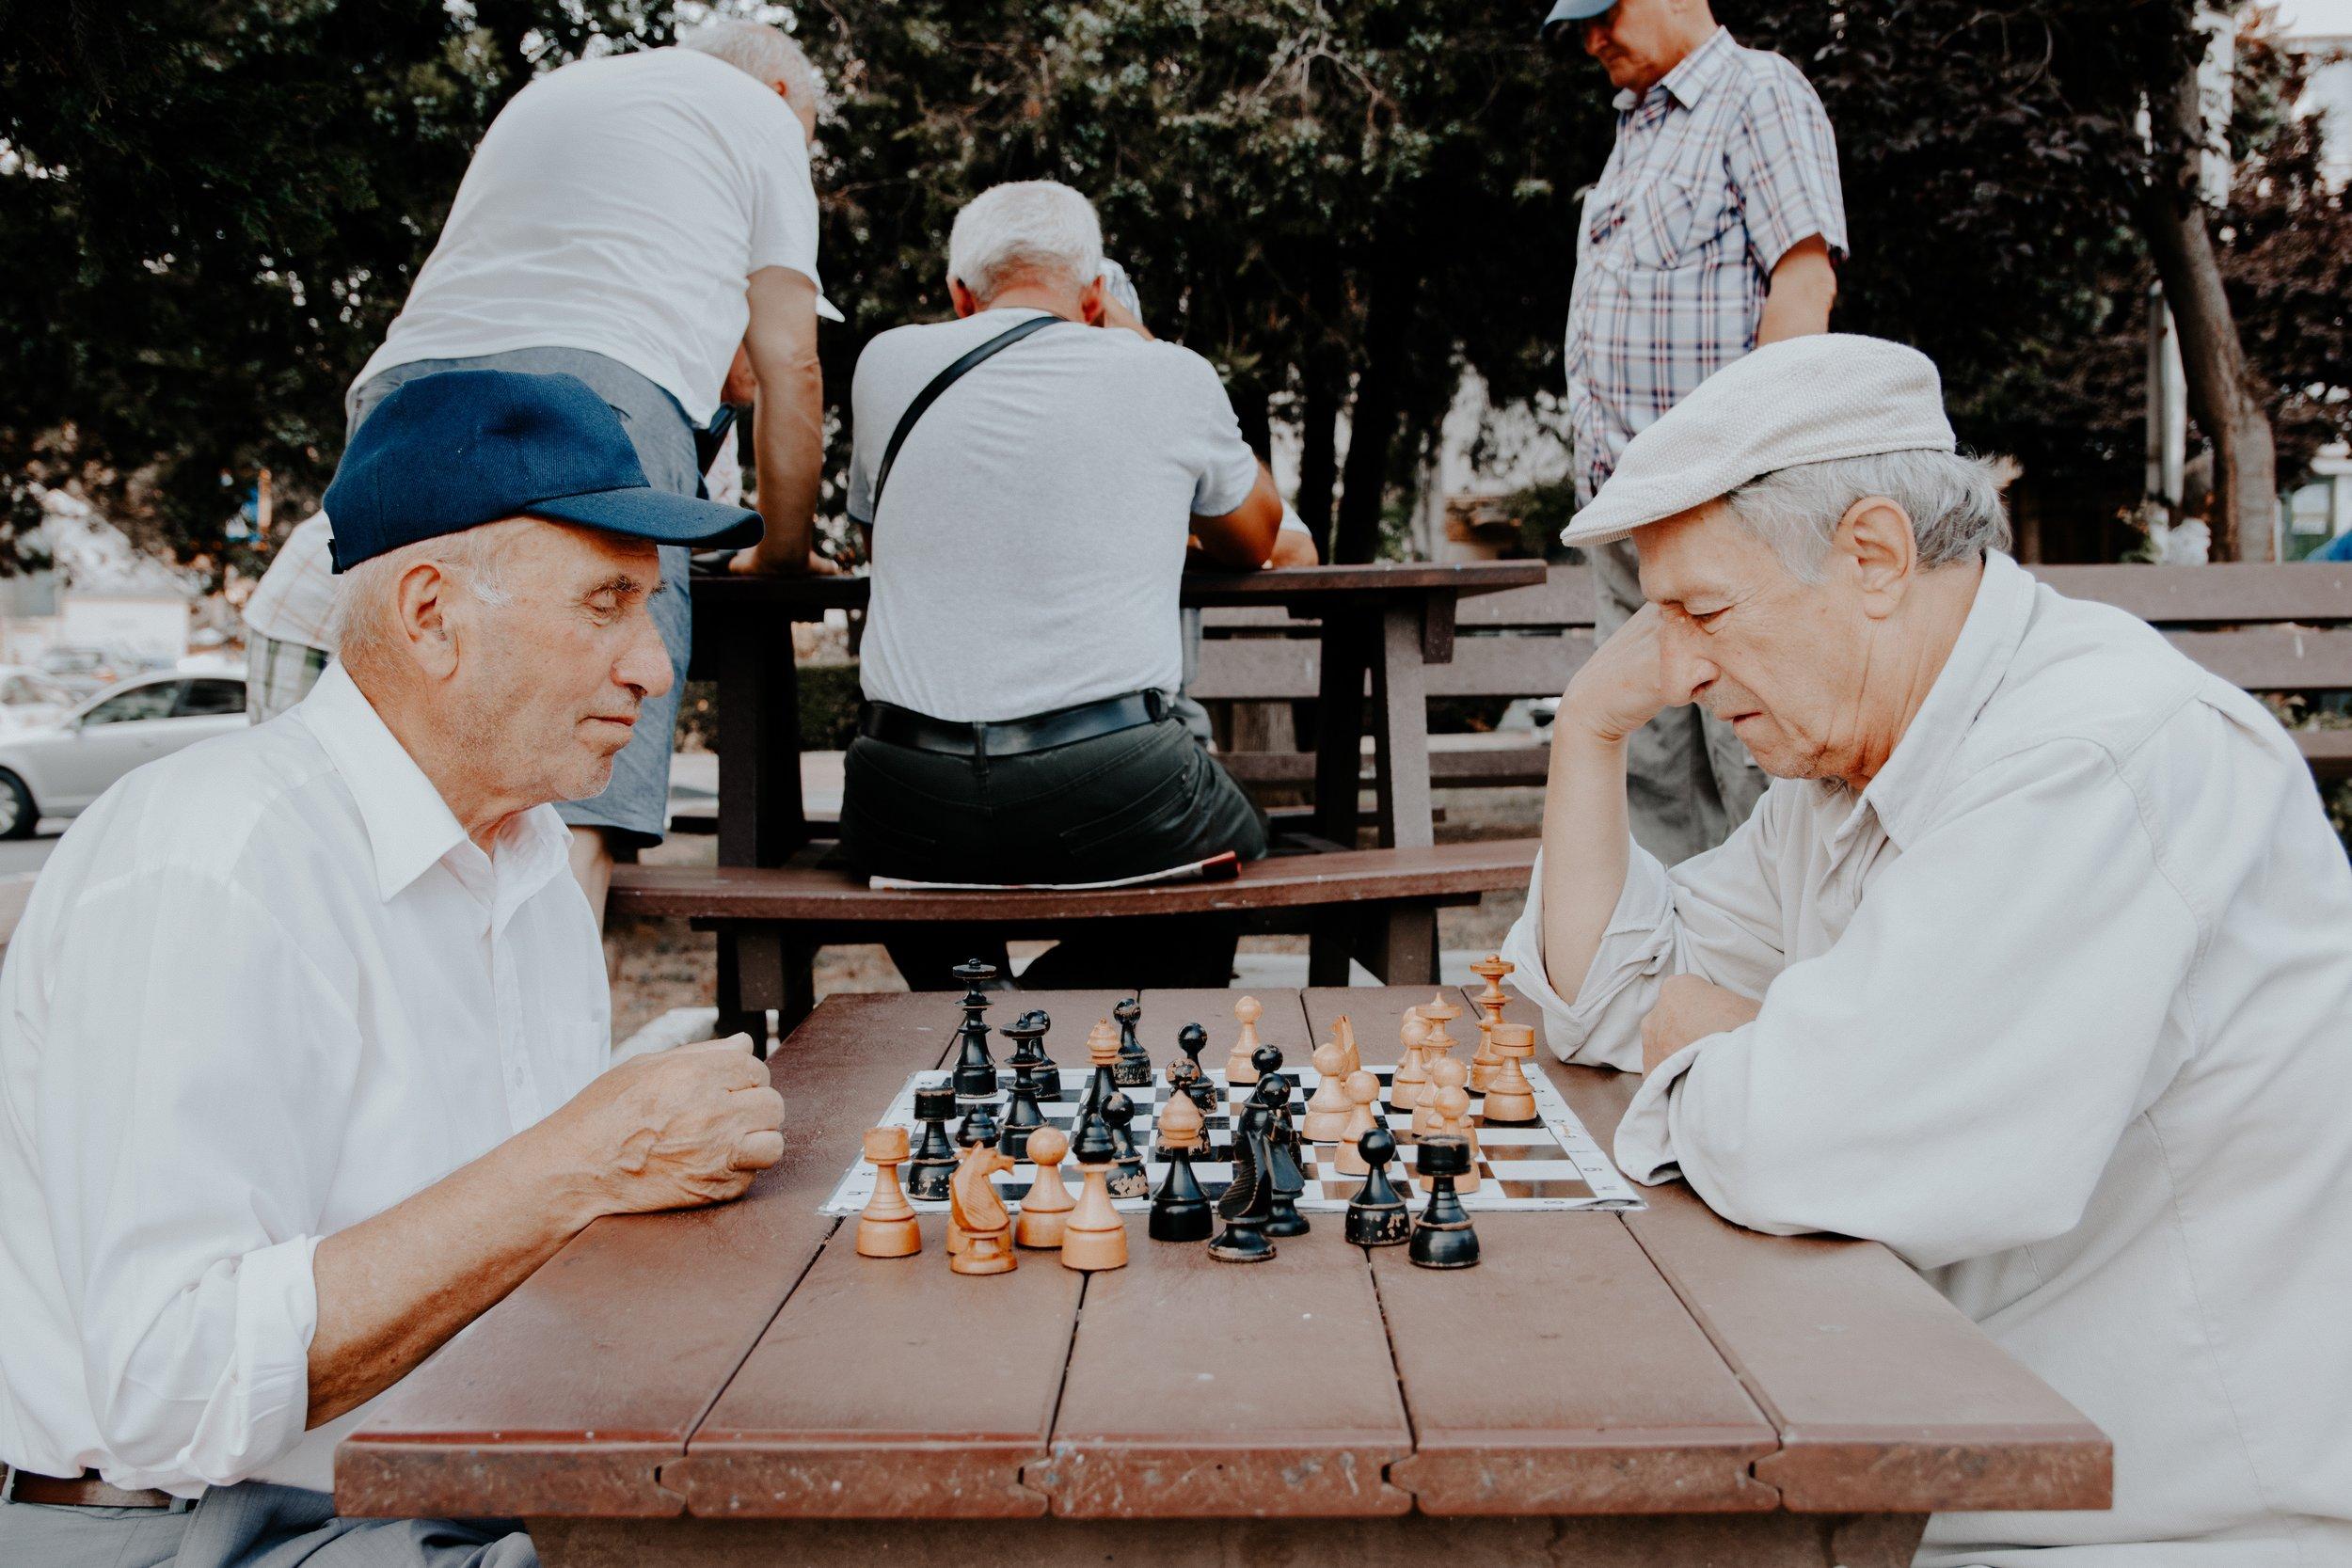 Zwei Männer am Schach spielen.jpg